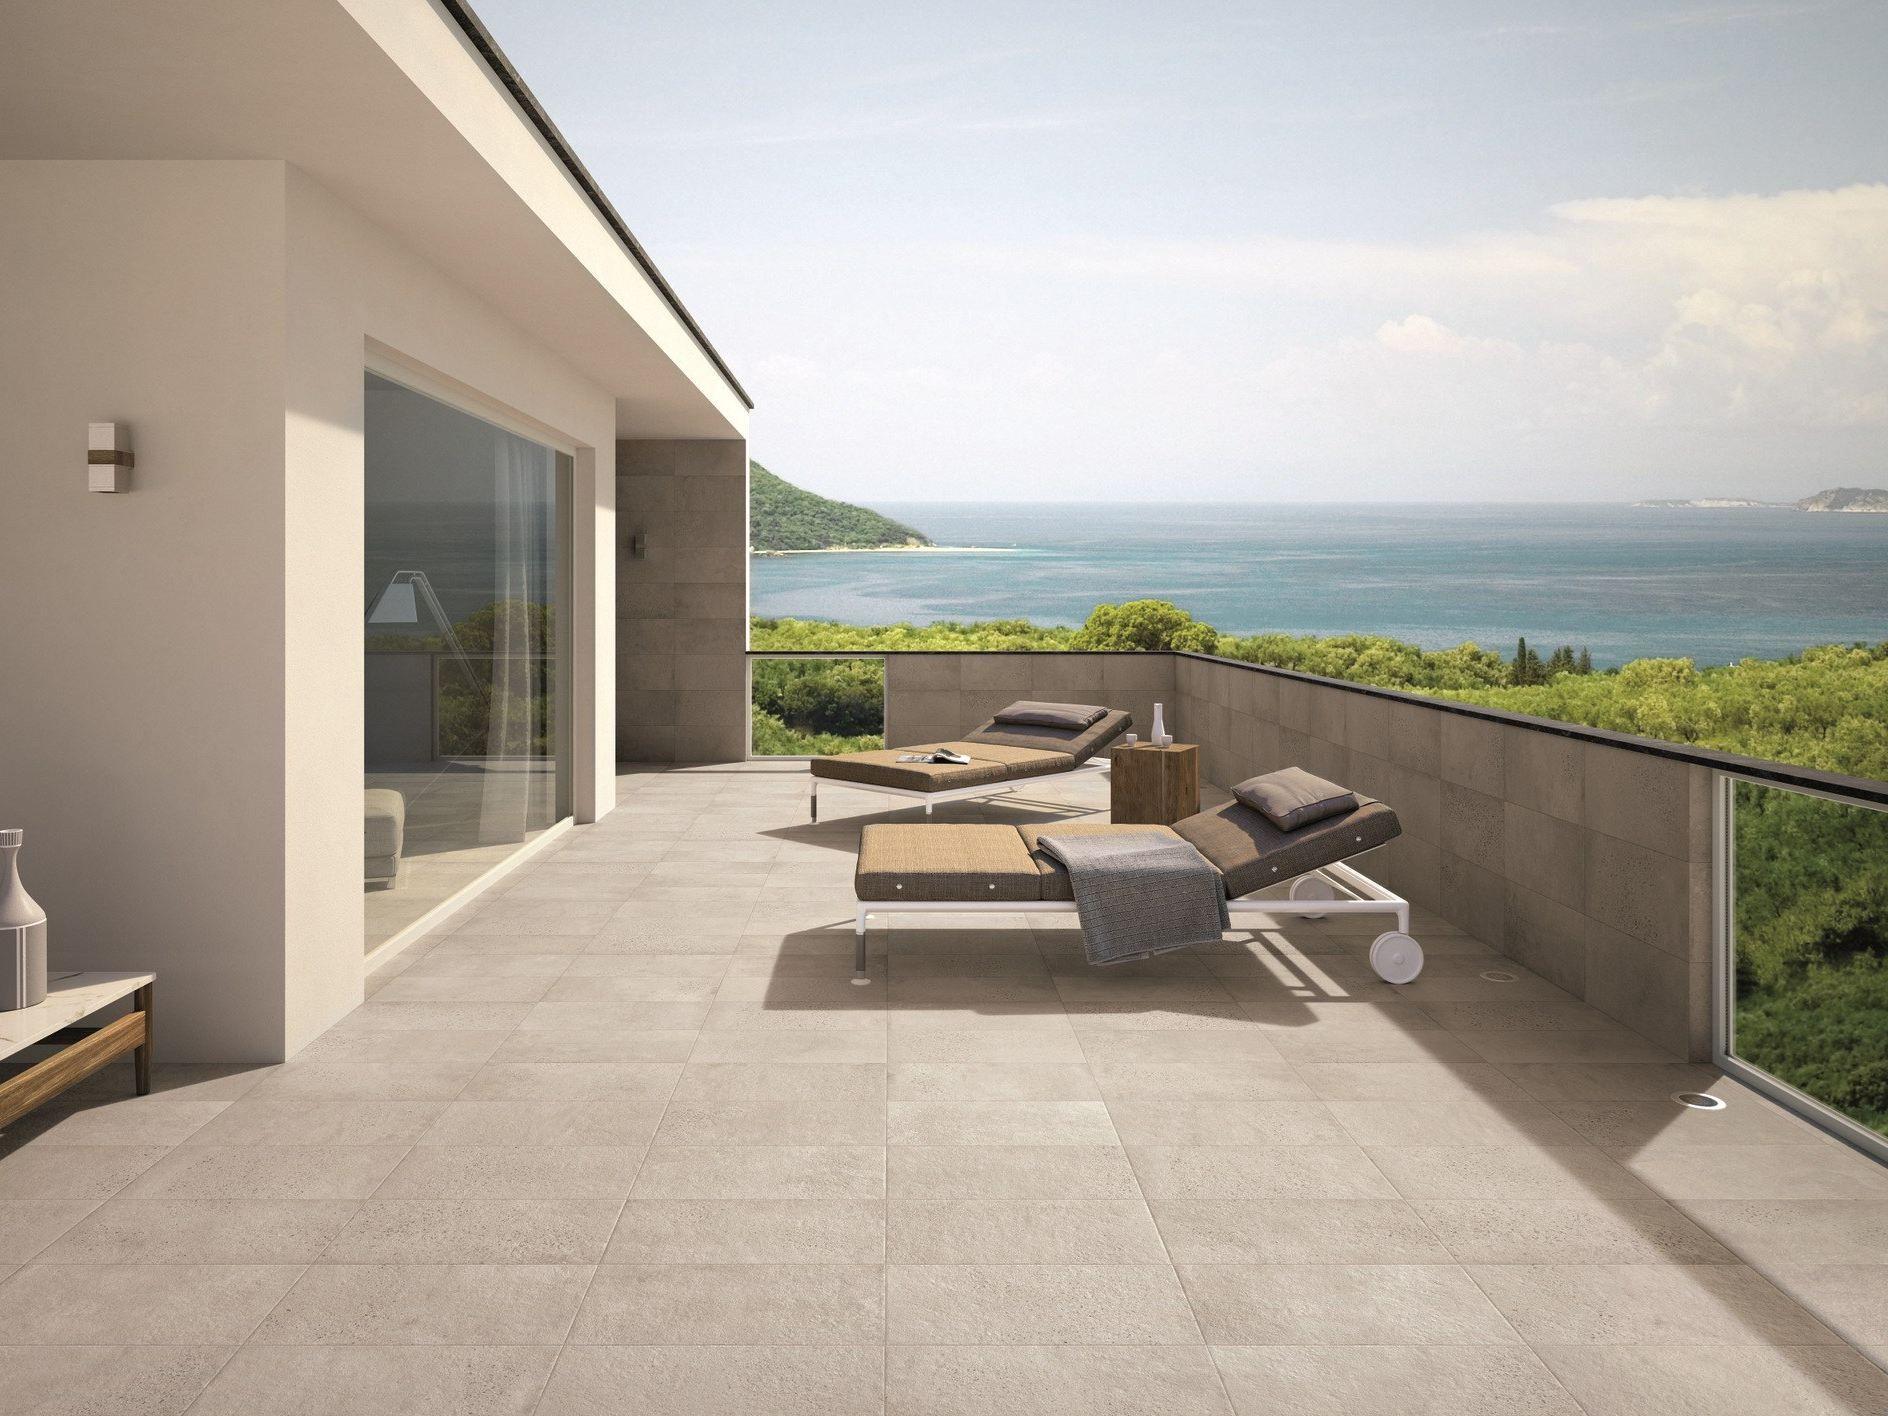 terrazze moderne - 28 images - immagini di terrazze moderne idee ...